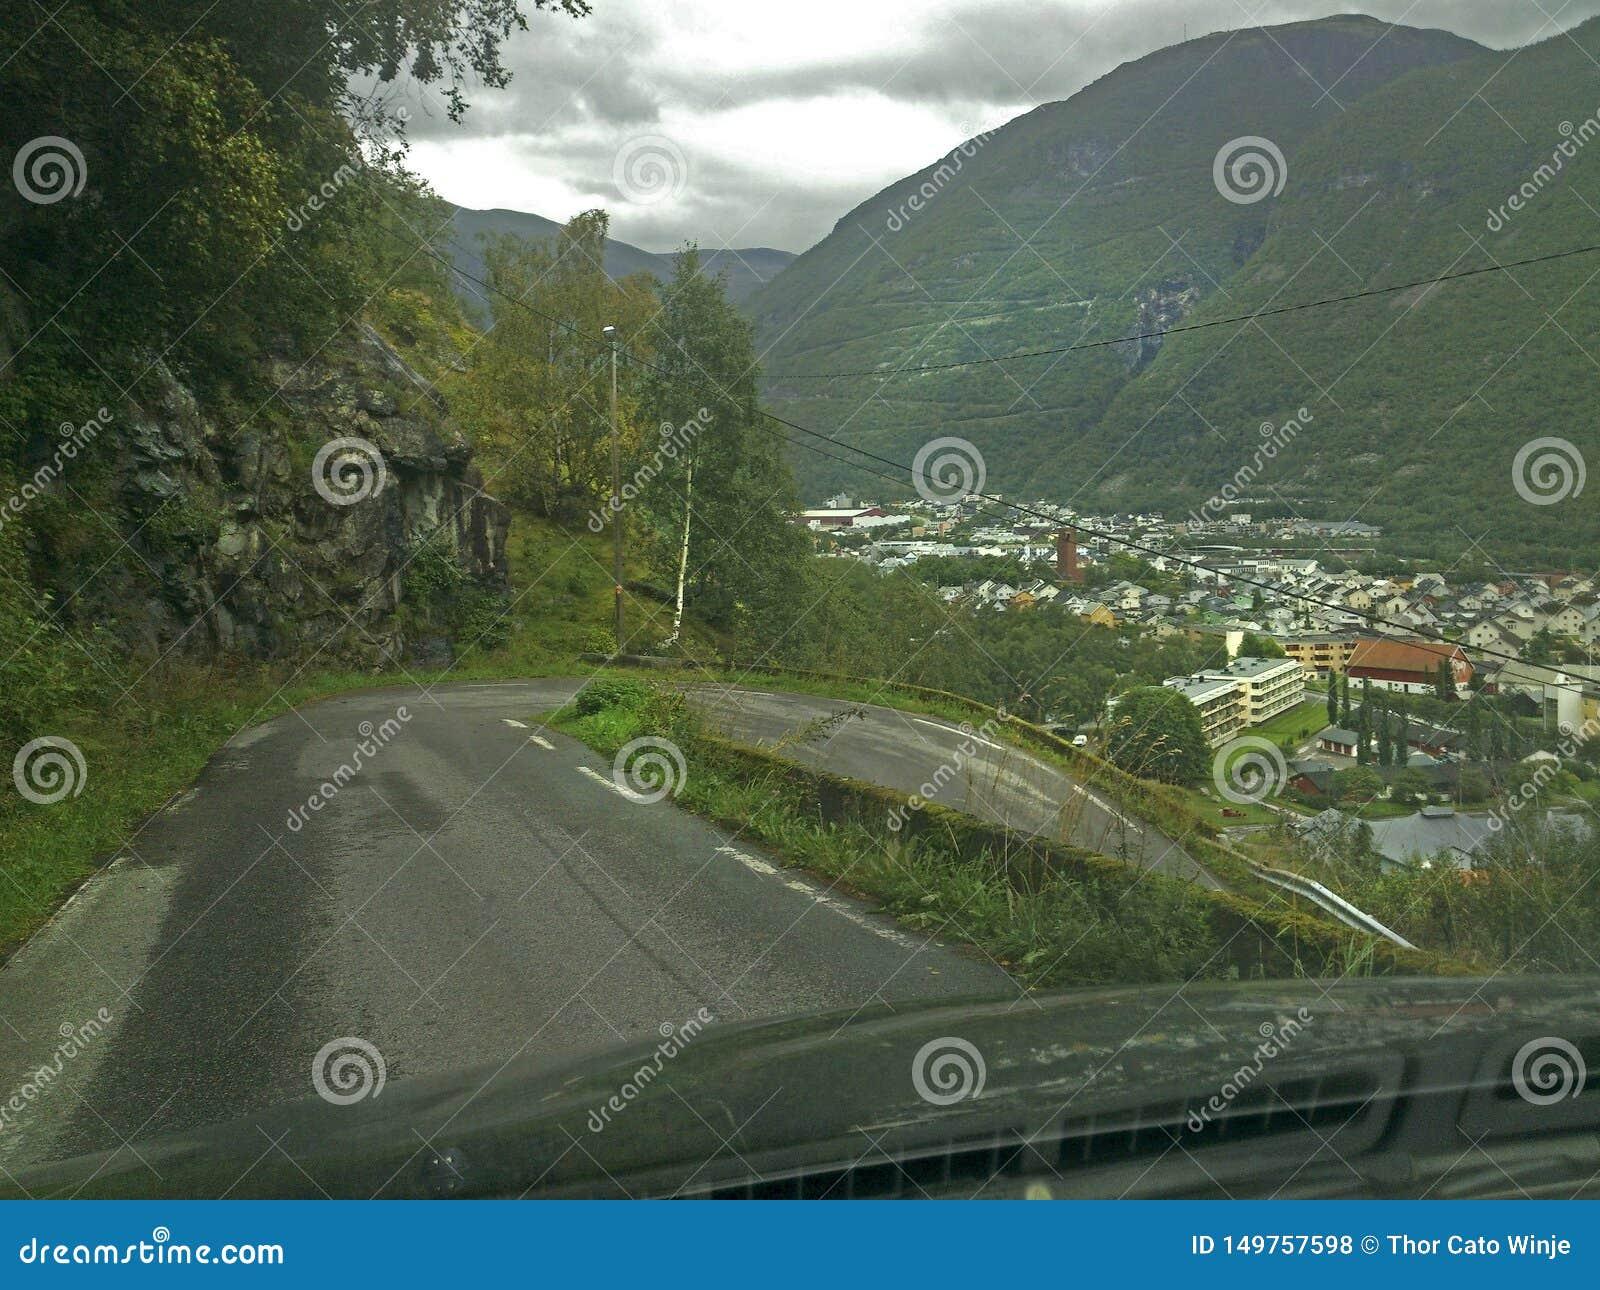 Кривая Hairpin на крутой дороге сфотографированной изнутри автомобиля через ветровое стекло